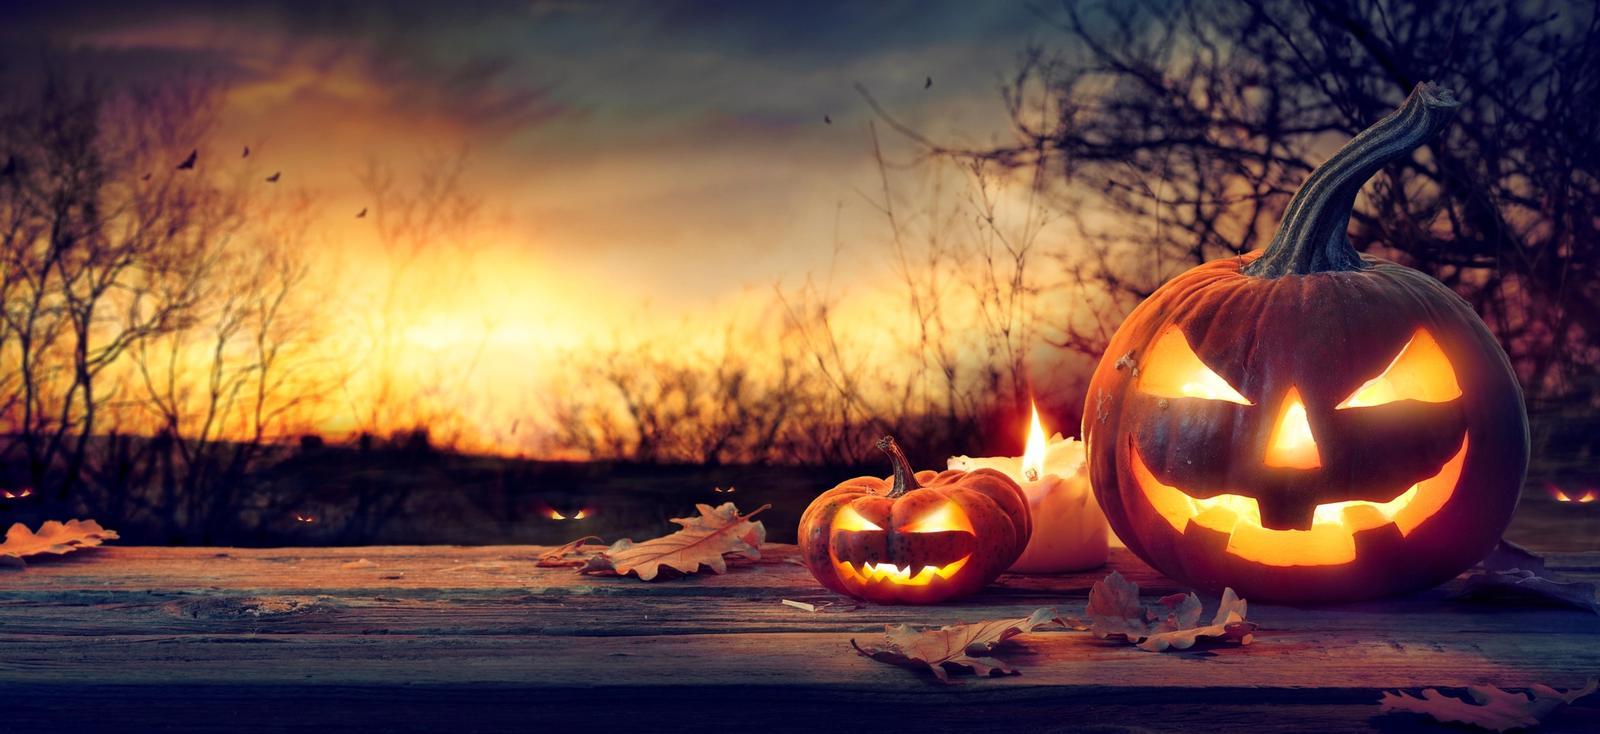 viaggi di gruppo organizzati ad halloween